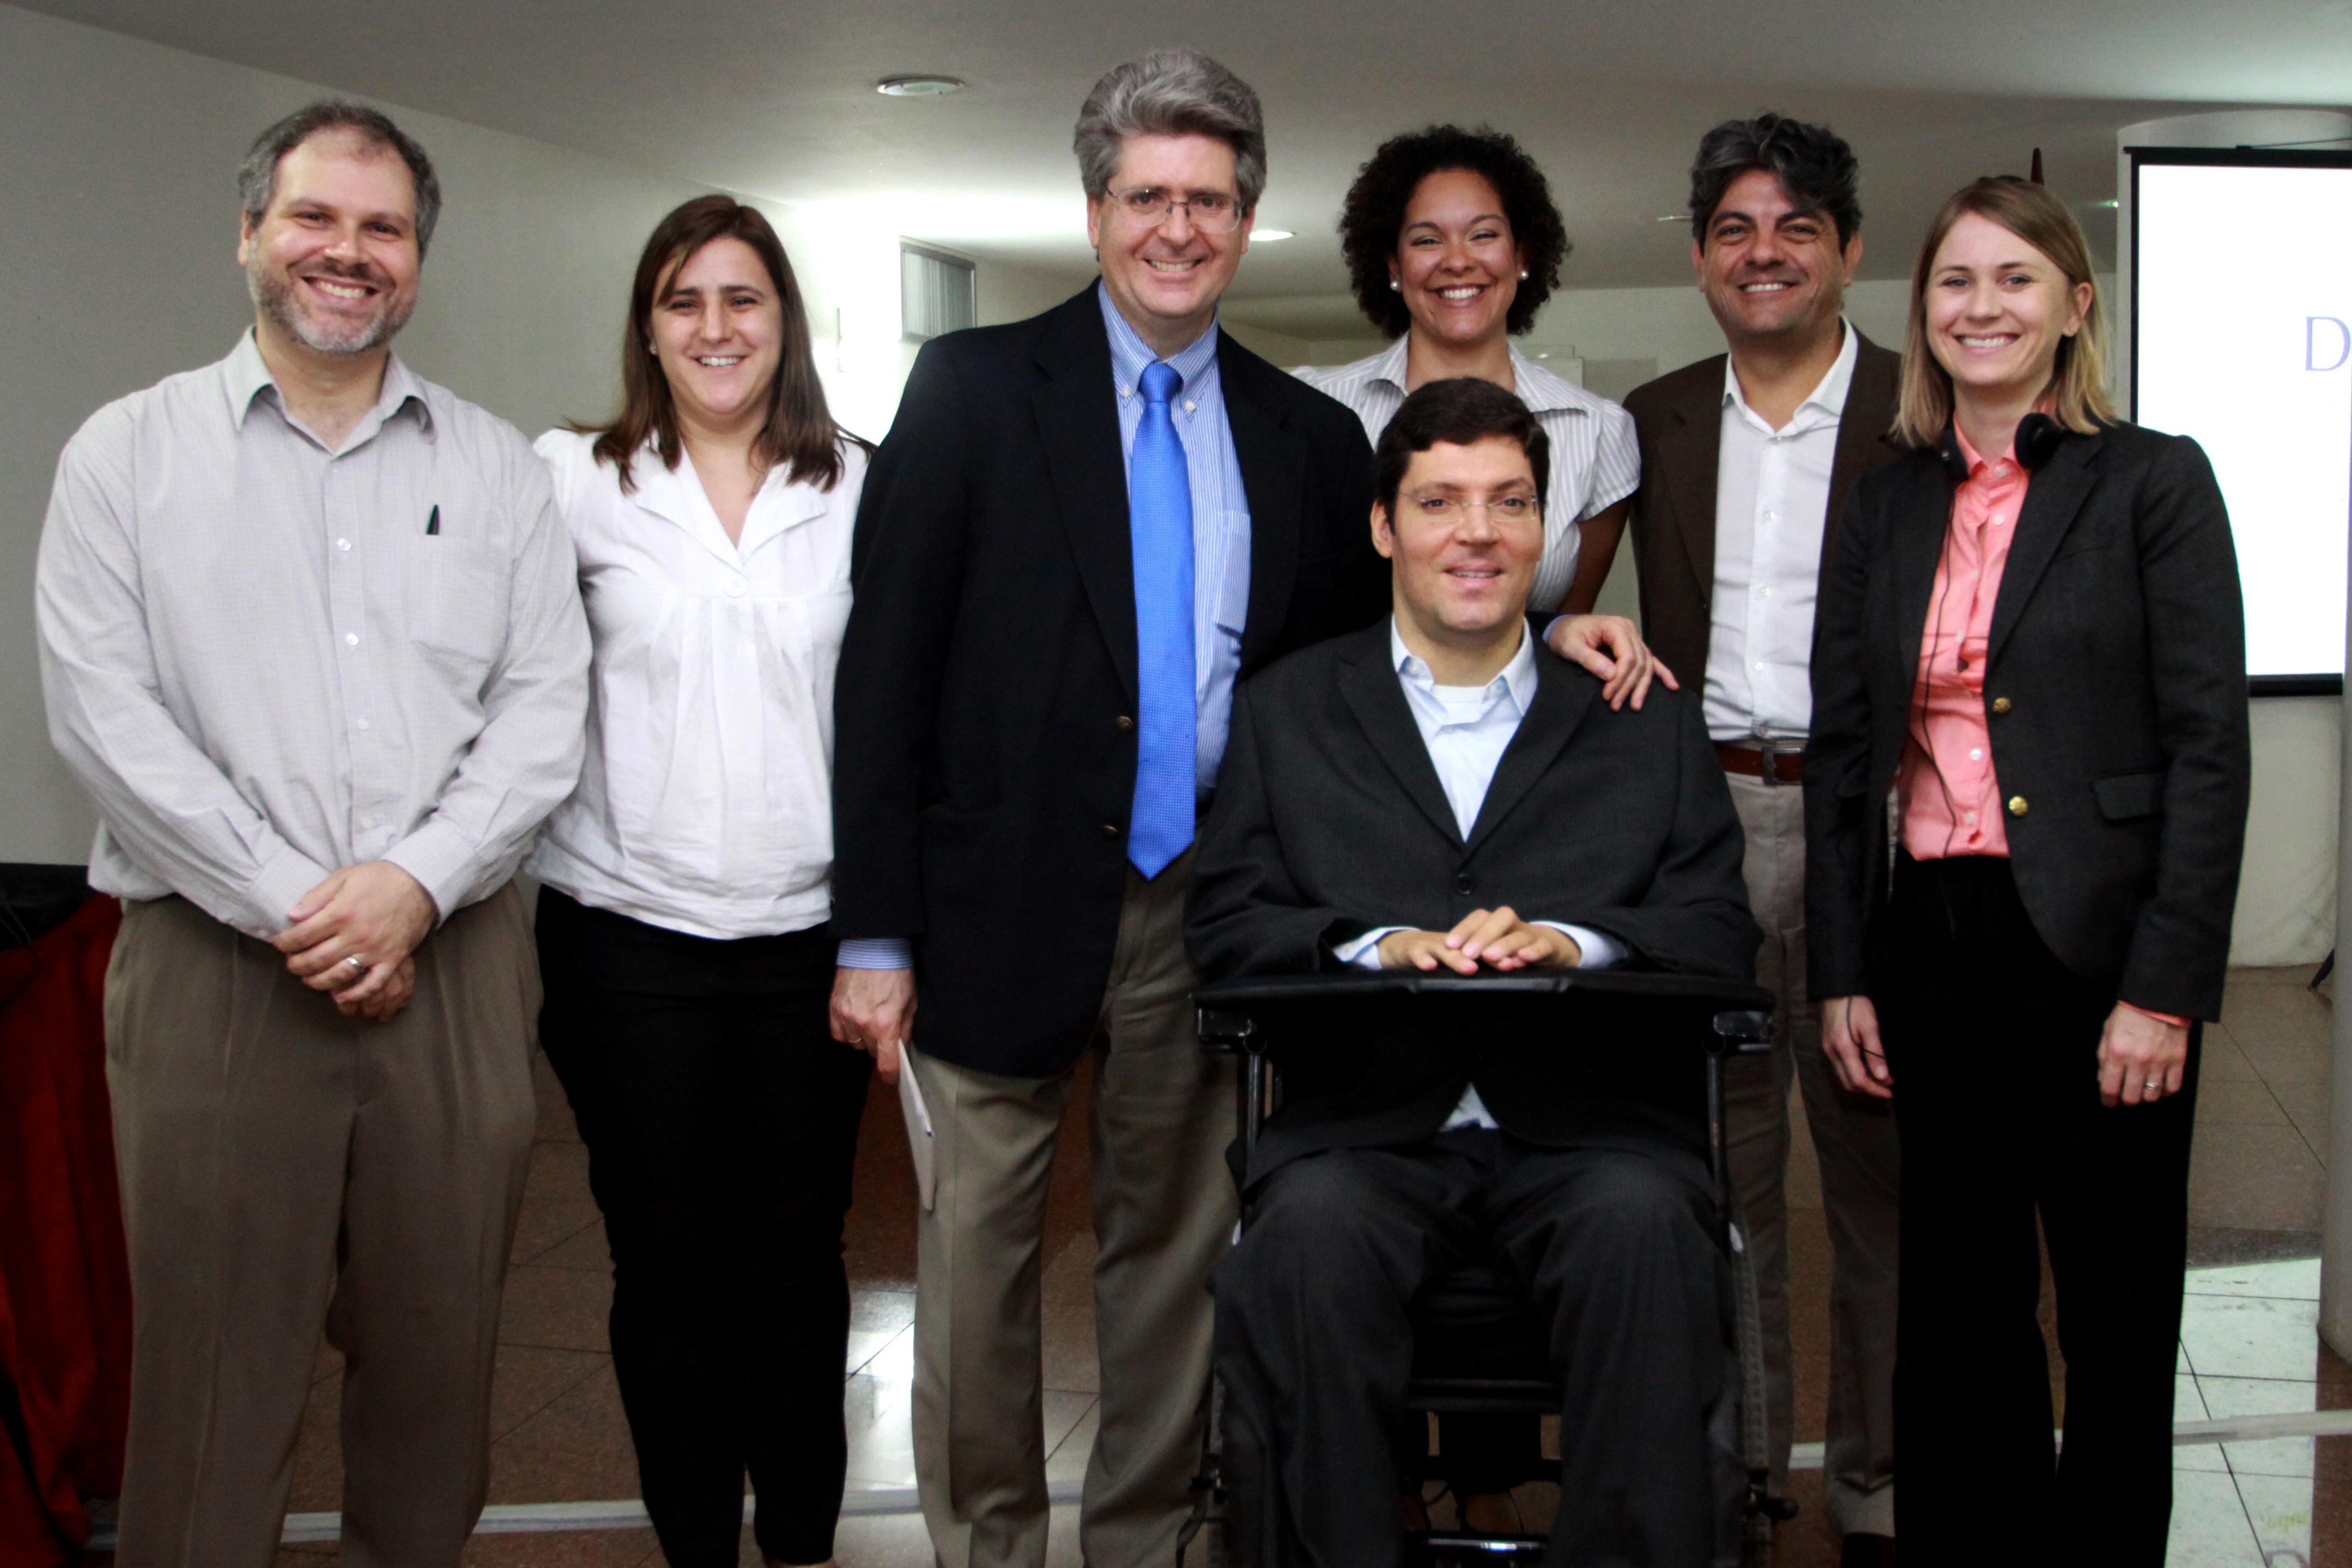 Grupo de homens e mulheres vestidas em traje social posam para foto em sala. Um deles apoia seu braço esquerdo no ombro de Rodrigo, que está ao centro em sua cadeira de rodas.